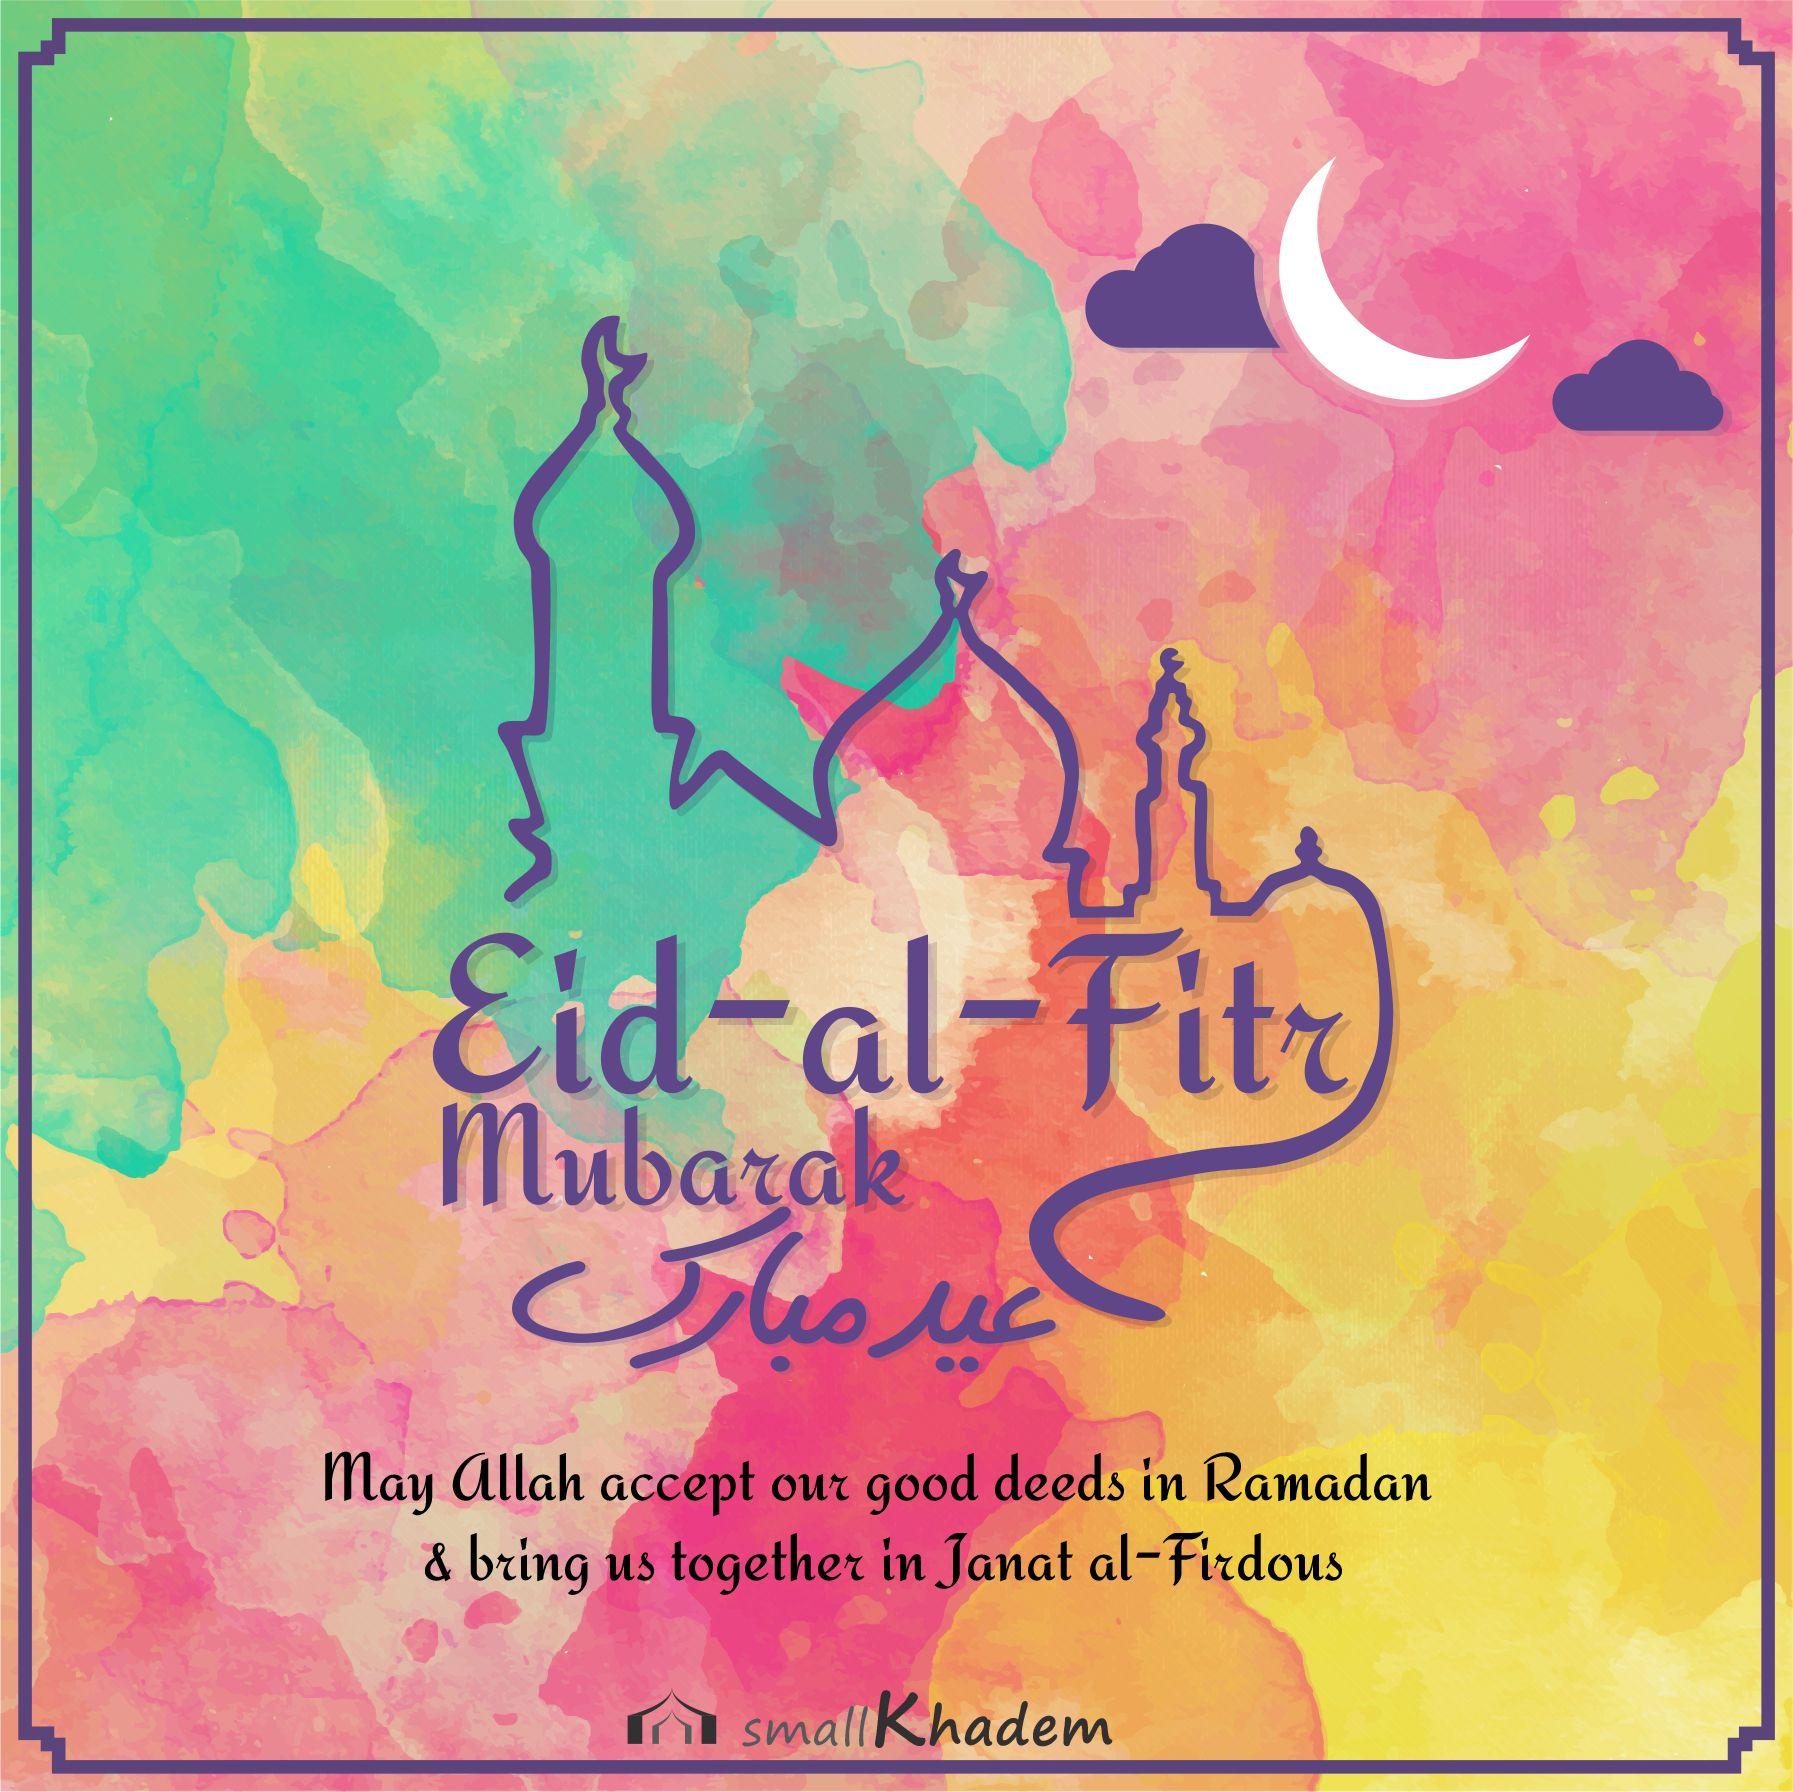 Eid Al Fitr Mubarak عيد مبارك Eid Al Fitr Eid Mubarak Images